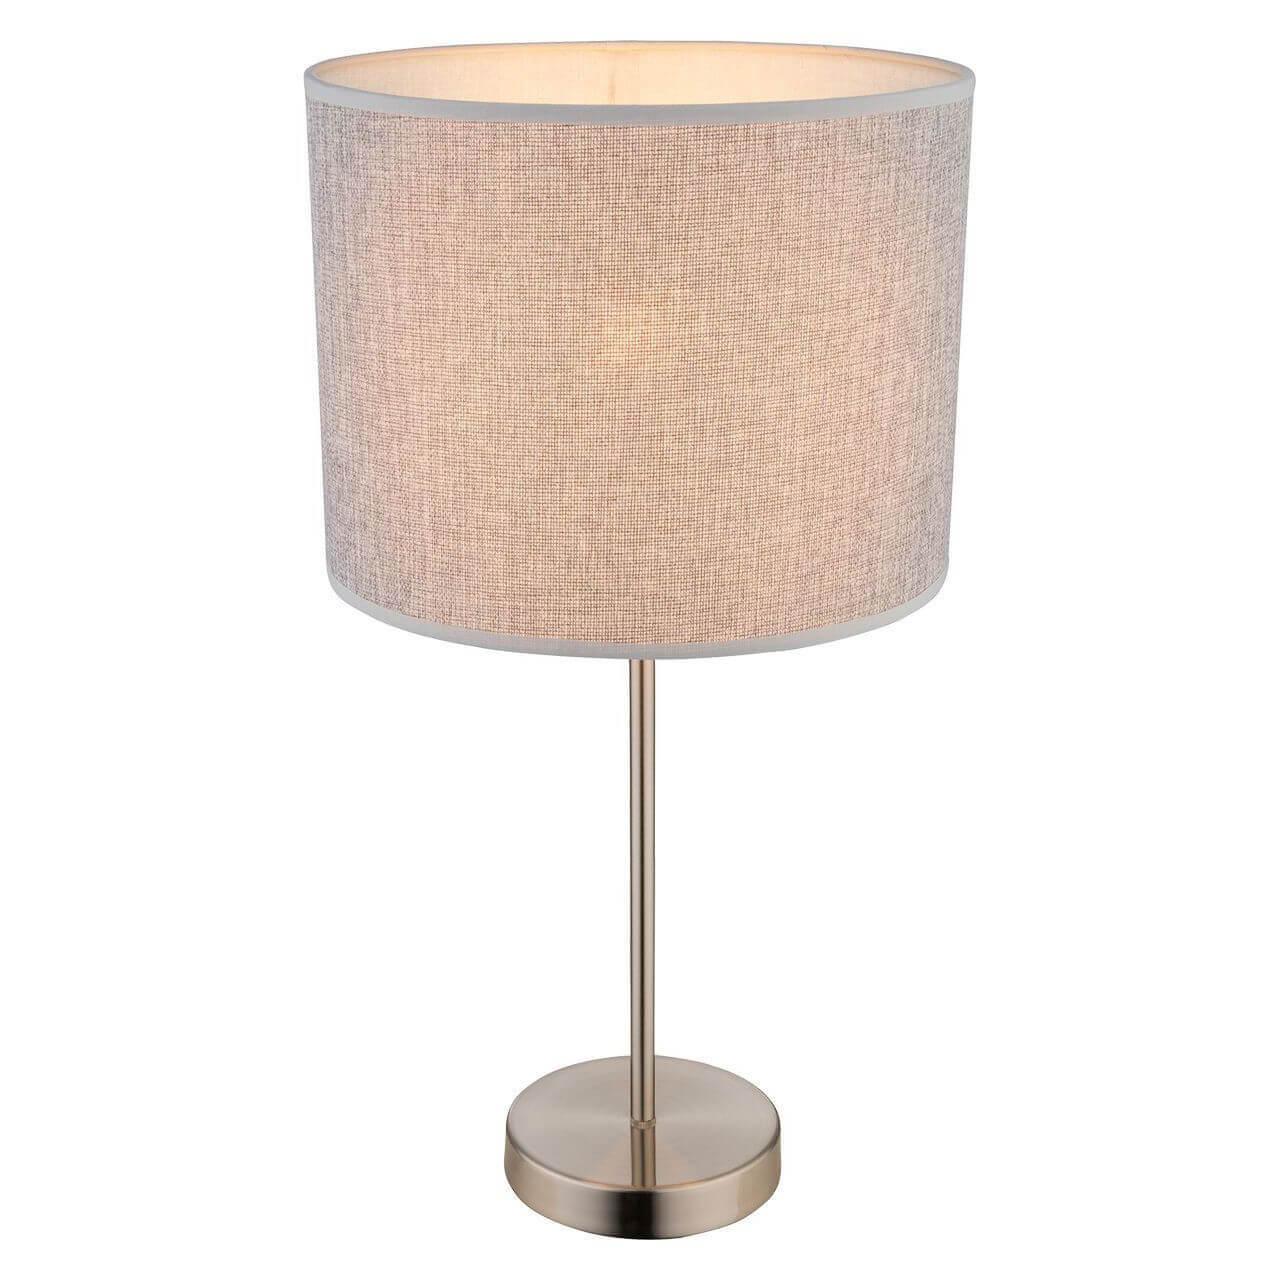 цена на Настольная лампа Globo 15185T1 Paco